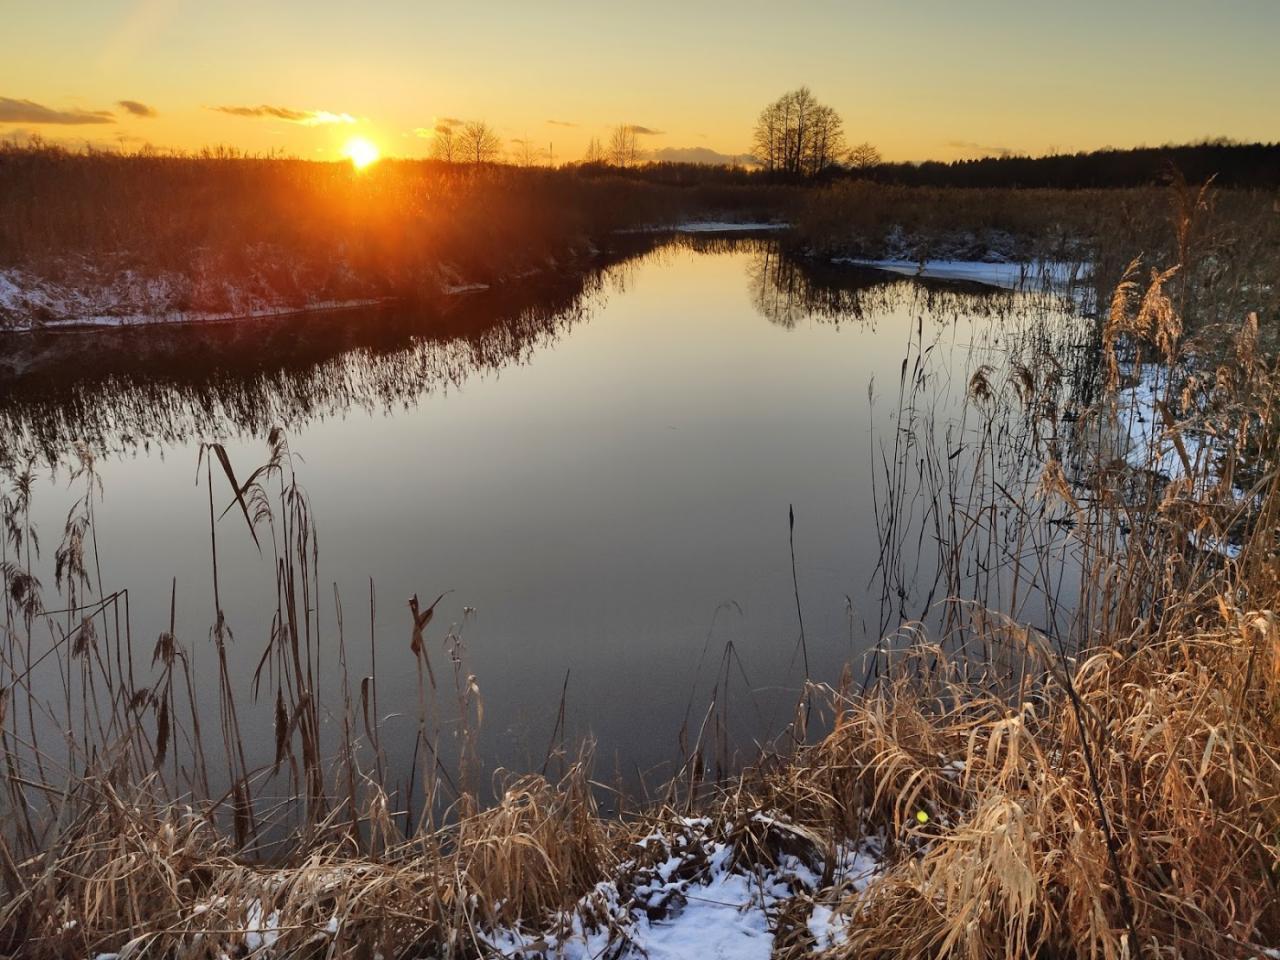 Вчера открыл очередной сезон зимнего спиннинга. Несмотря на ... | Отчеты о рыбалке в Беларуси